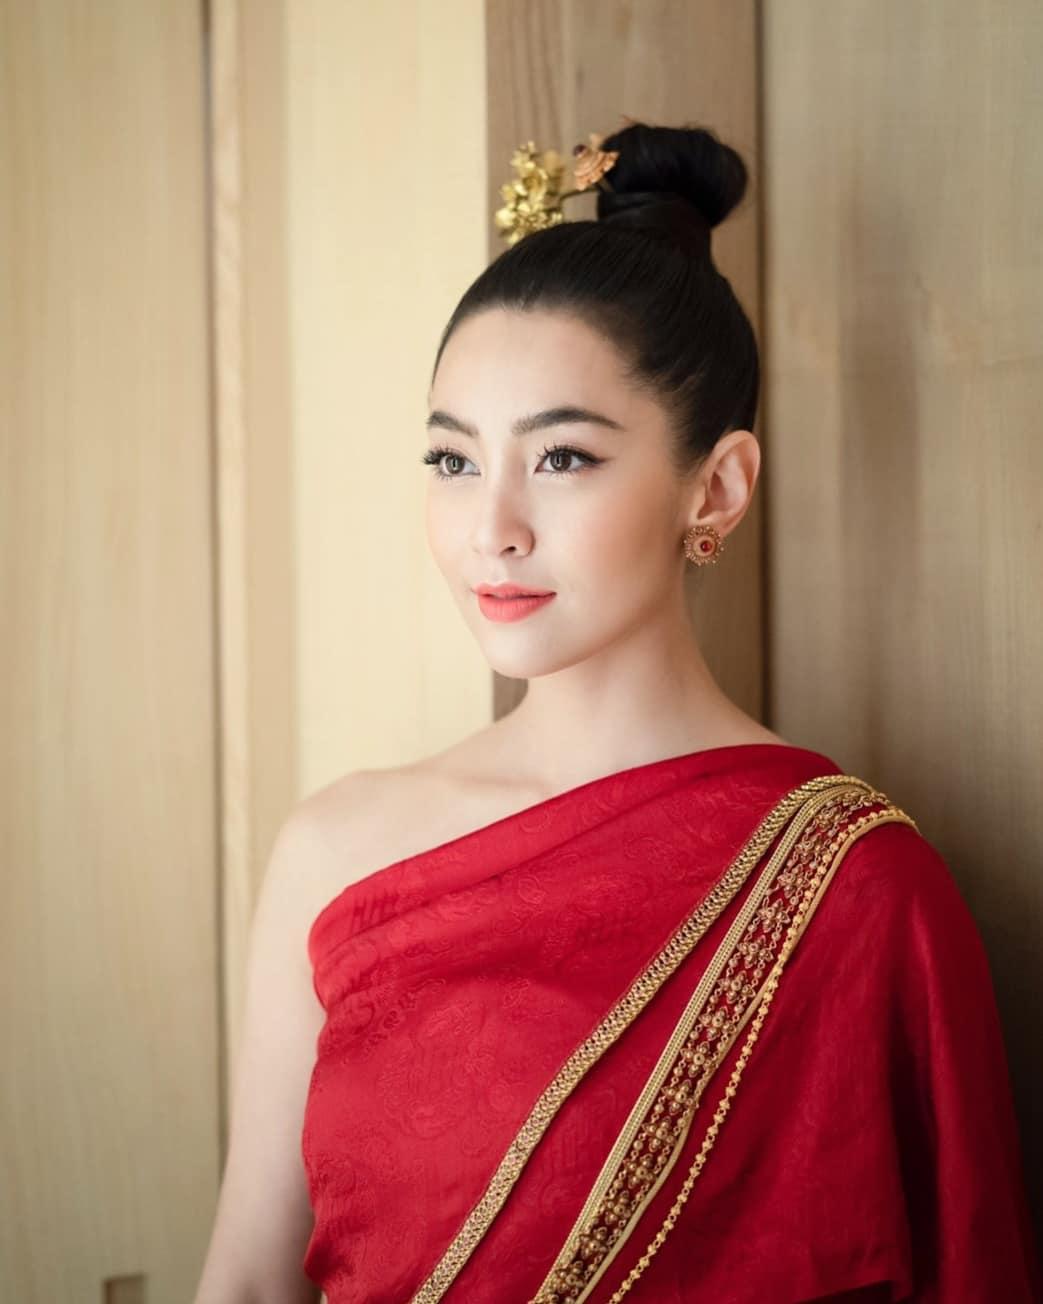 diễn viên thái - bella trong trang phục truyền thống